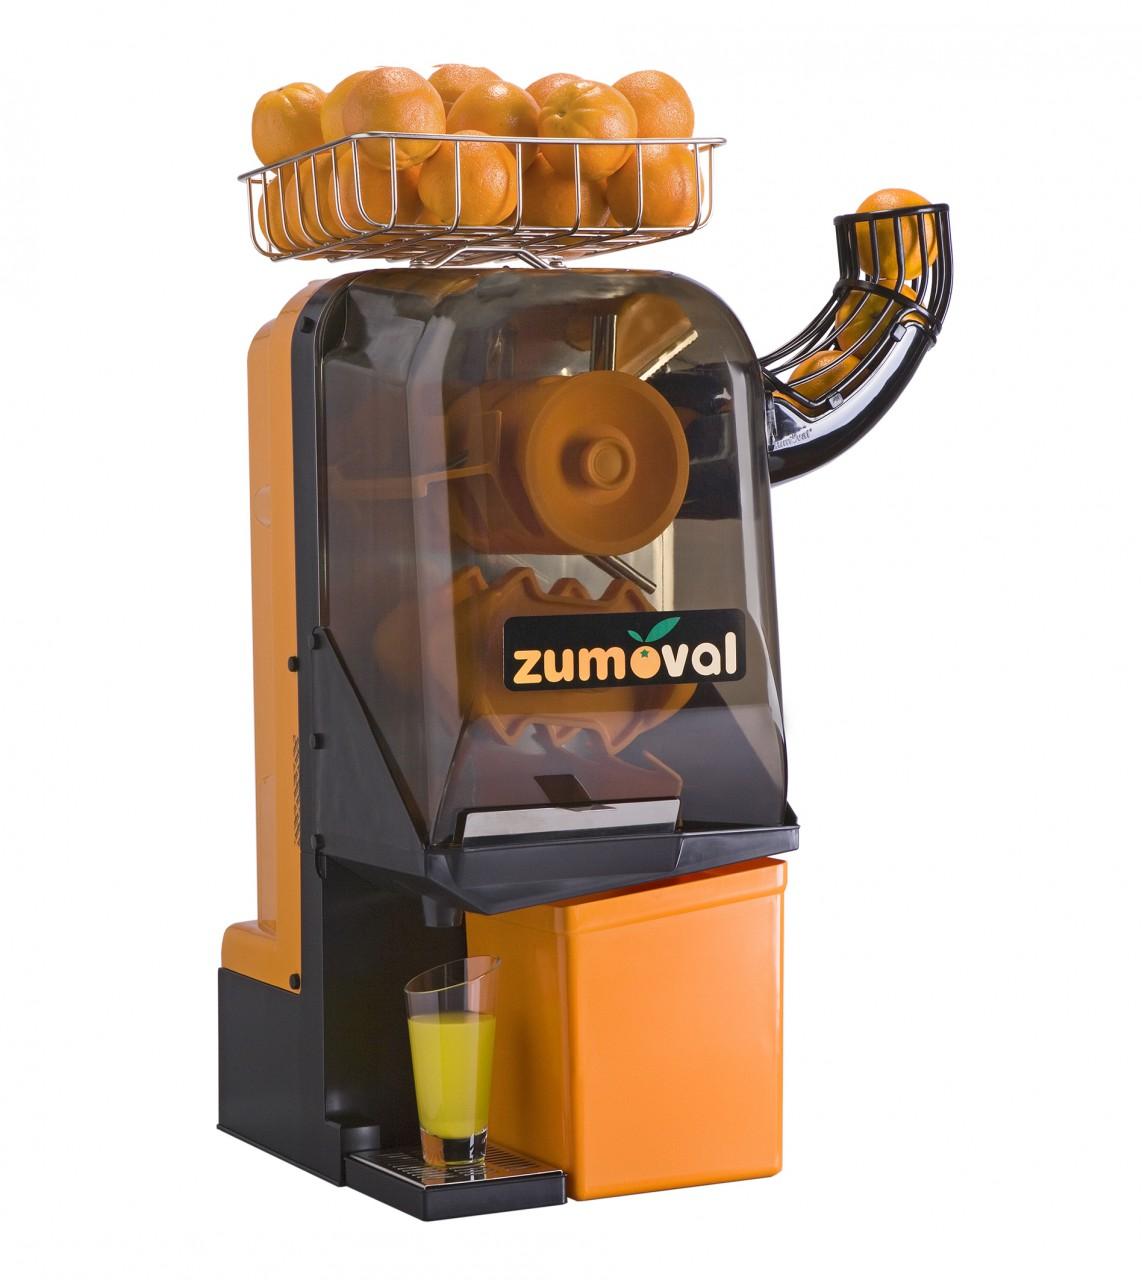 ZUMOVAL Minimax